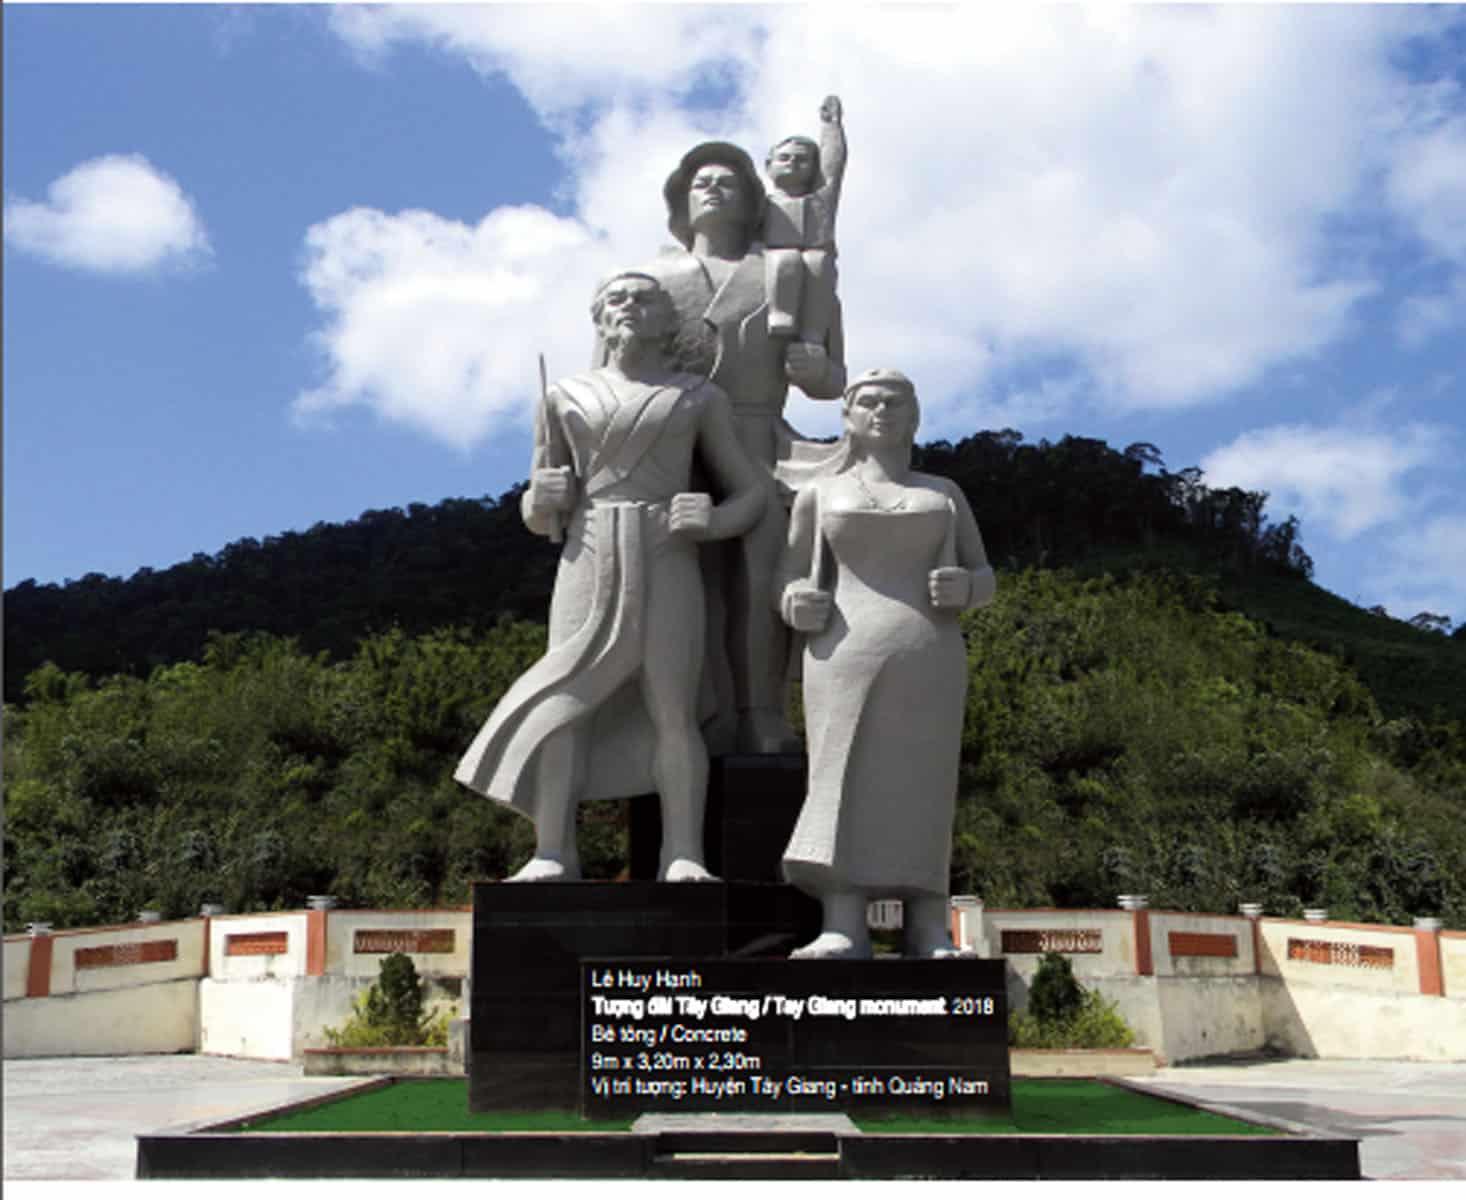 Tác phẩm Tượng đài Tây Giang / Tay Giang monument